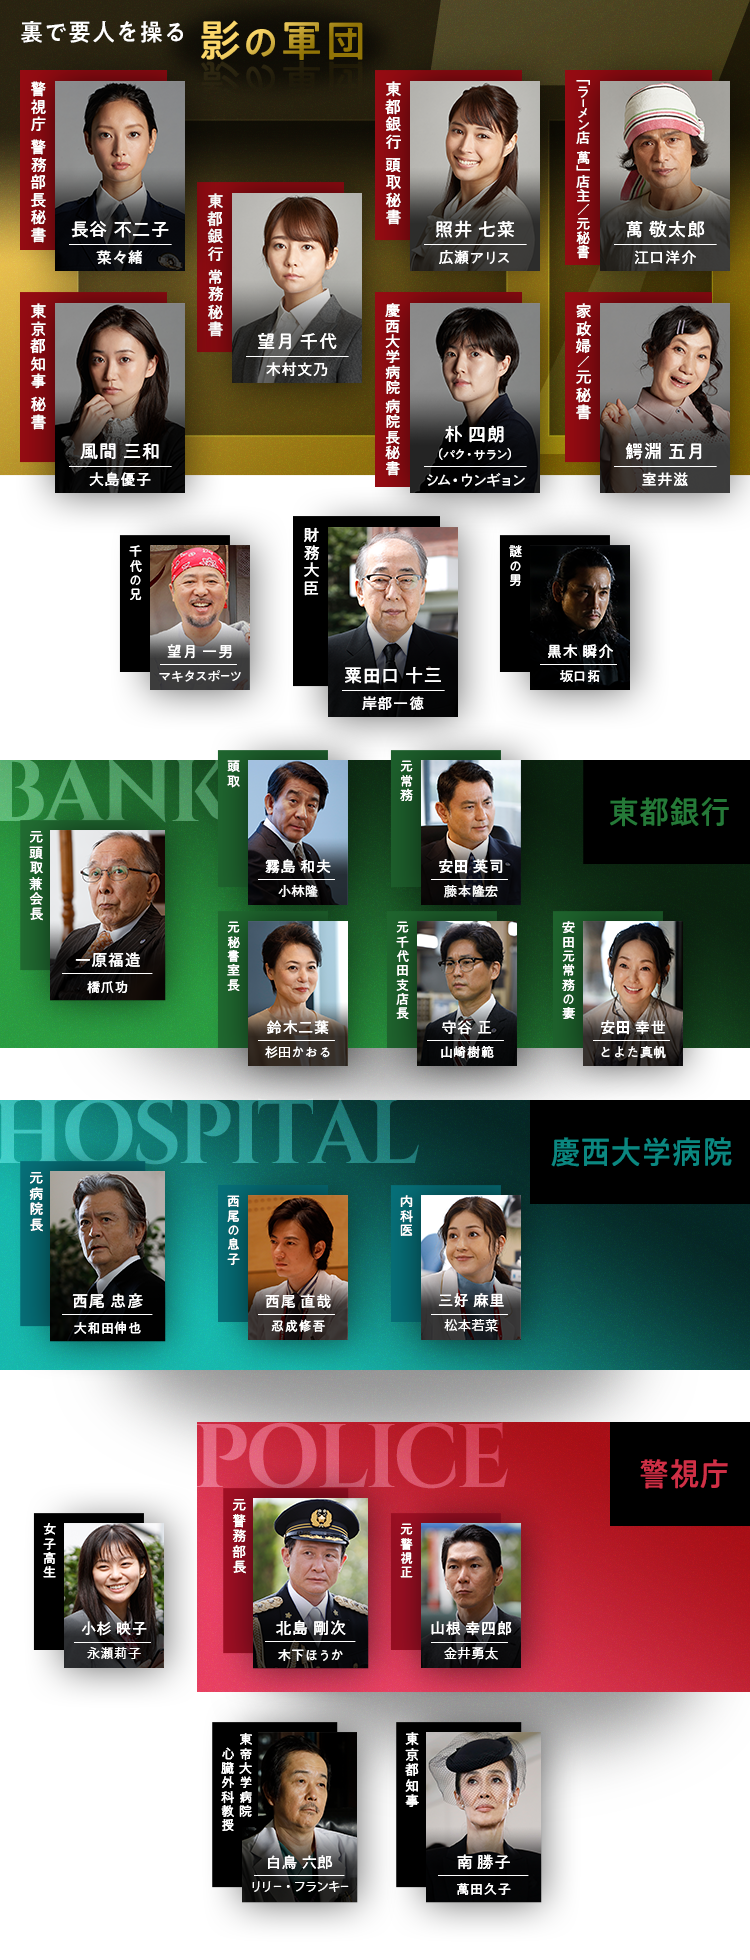 相関図・キャスト|木曜ドラマ『七人の秘書』|テレビ朝日